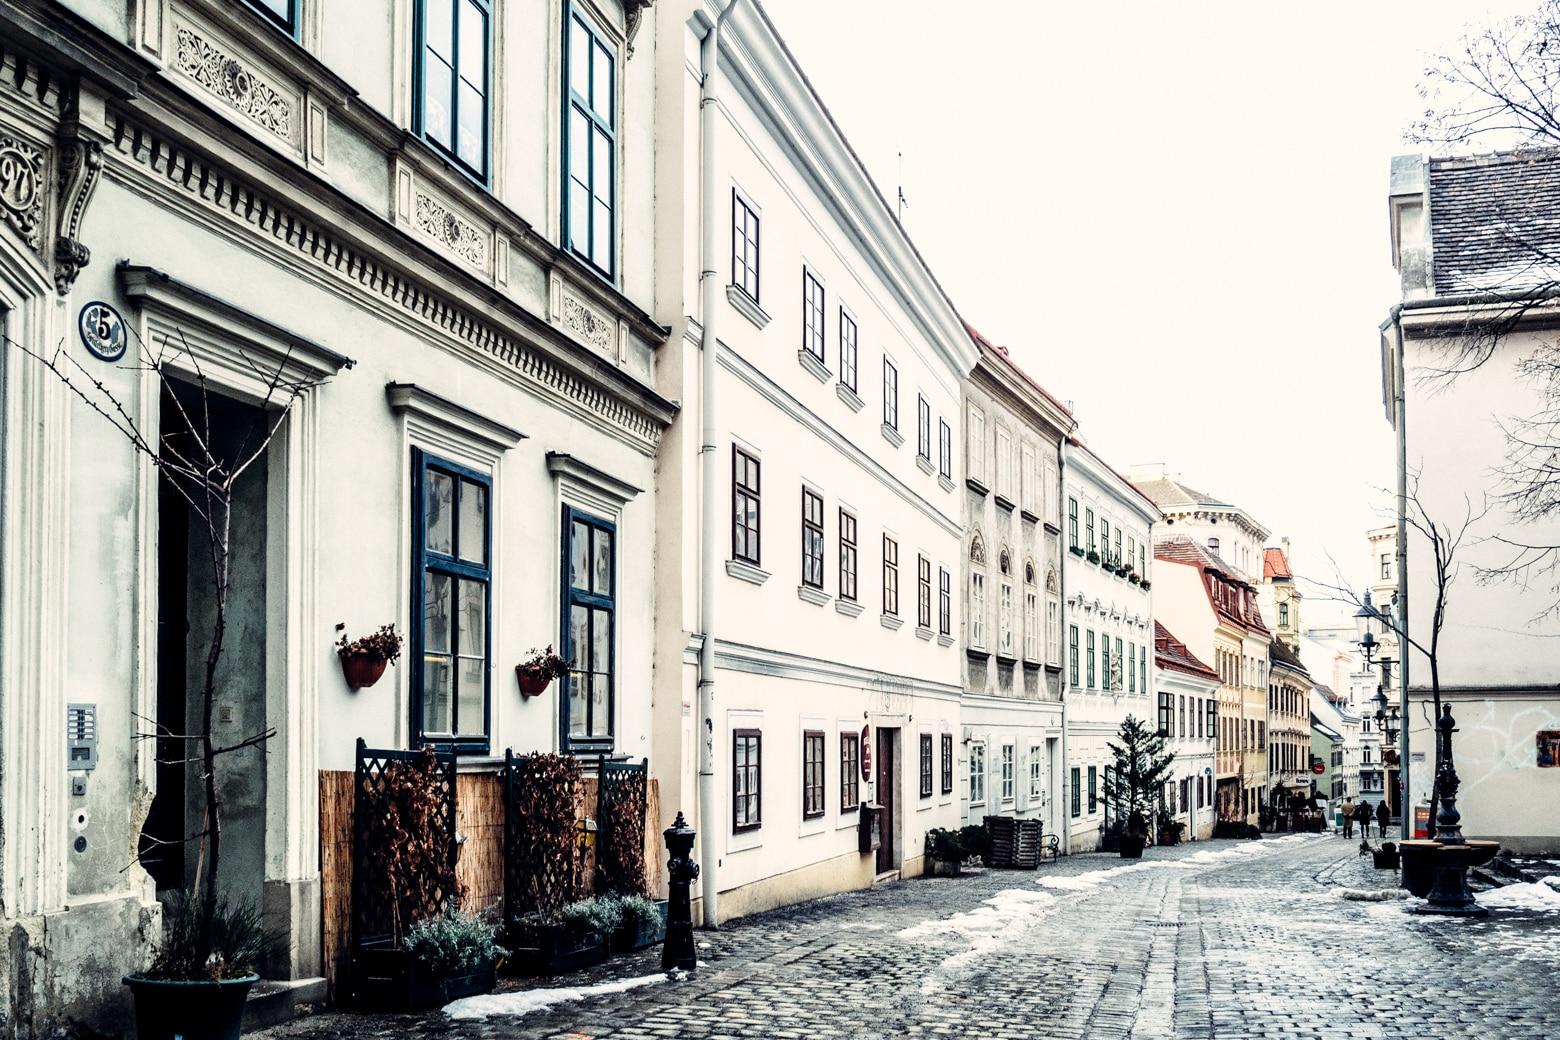 Cobblestone street in Vienna with snow.